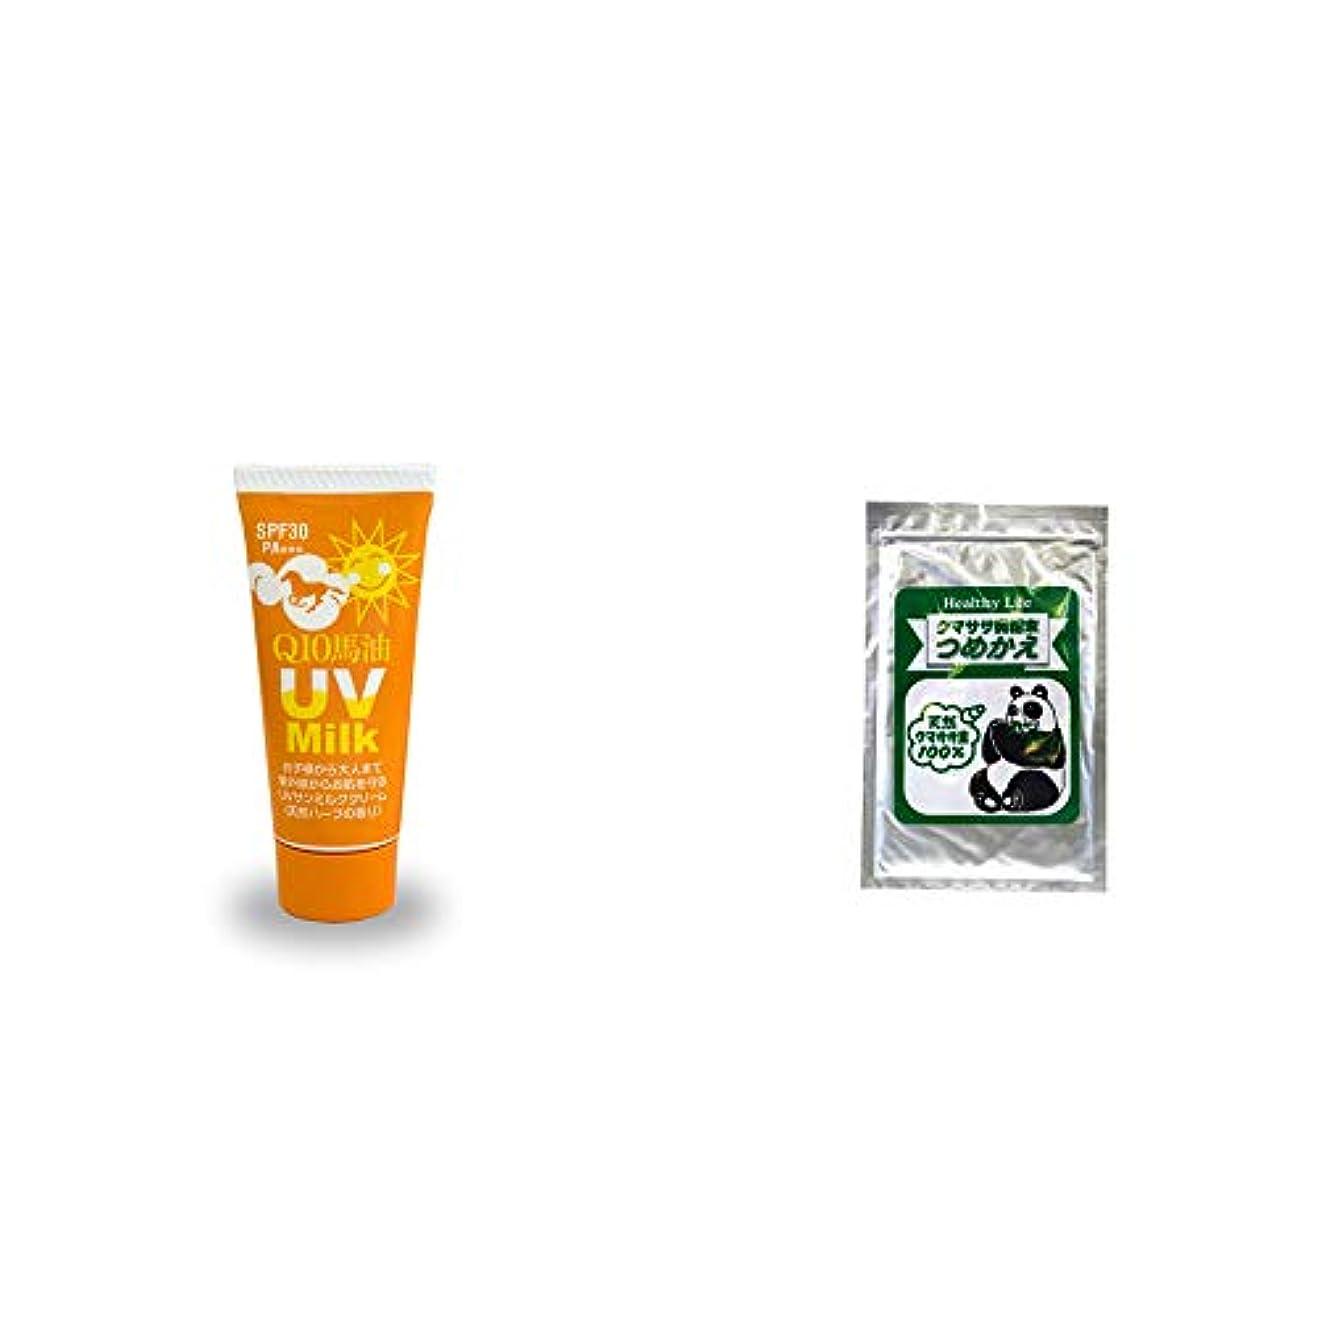 [2点セット] 炭黒泉 Q10馬油 UVサンミルク[天然ハーブ](40g)?木曽産 熊笹100% クマササ微粉末 詰め替え用 (60g)